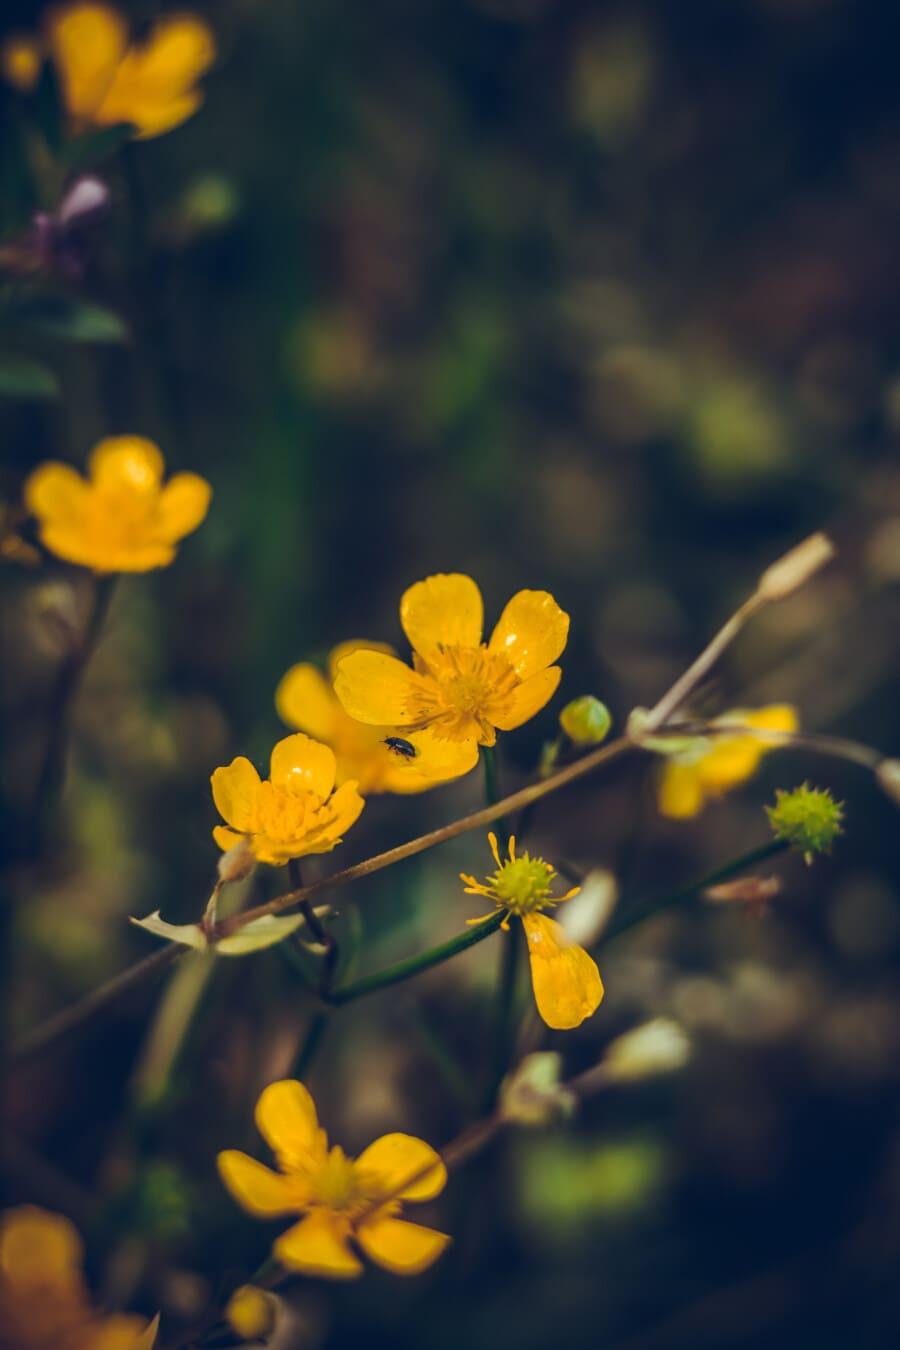 Wildblumen, gelblich-braun, Graspflanzen, Detail, Feld, gelb, Natur, Blatt, Anlage, Kraut